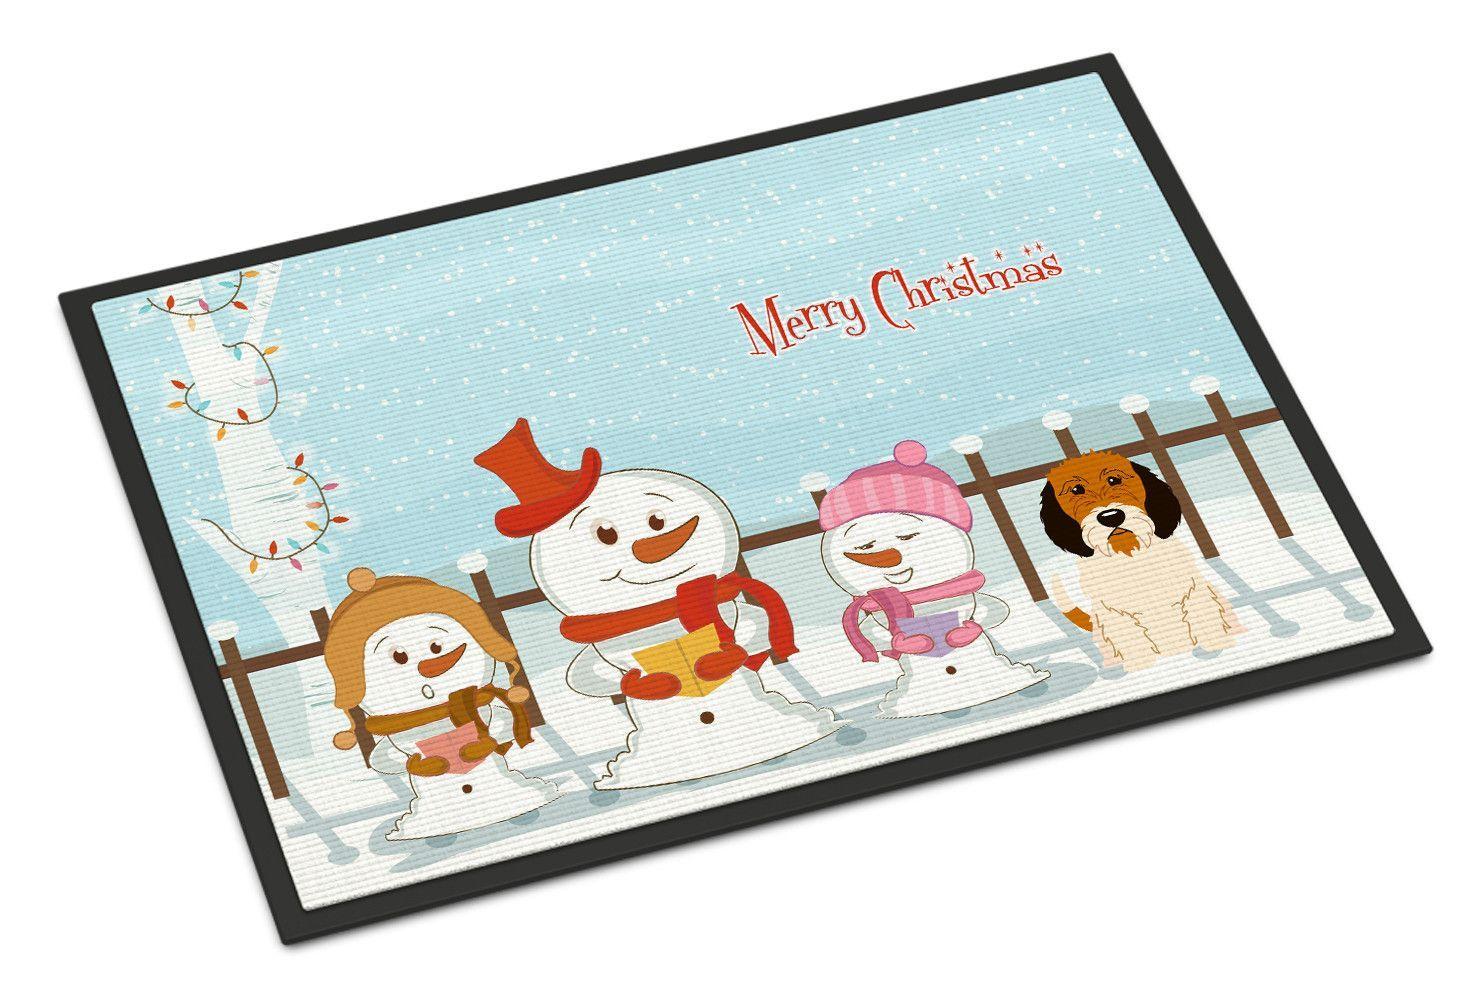 Merry Christmas Carolers Petit Basset Griffon Veenden Indoor or Outdoor Mat 18x27 BB2410MAT